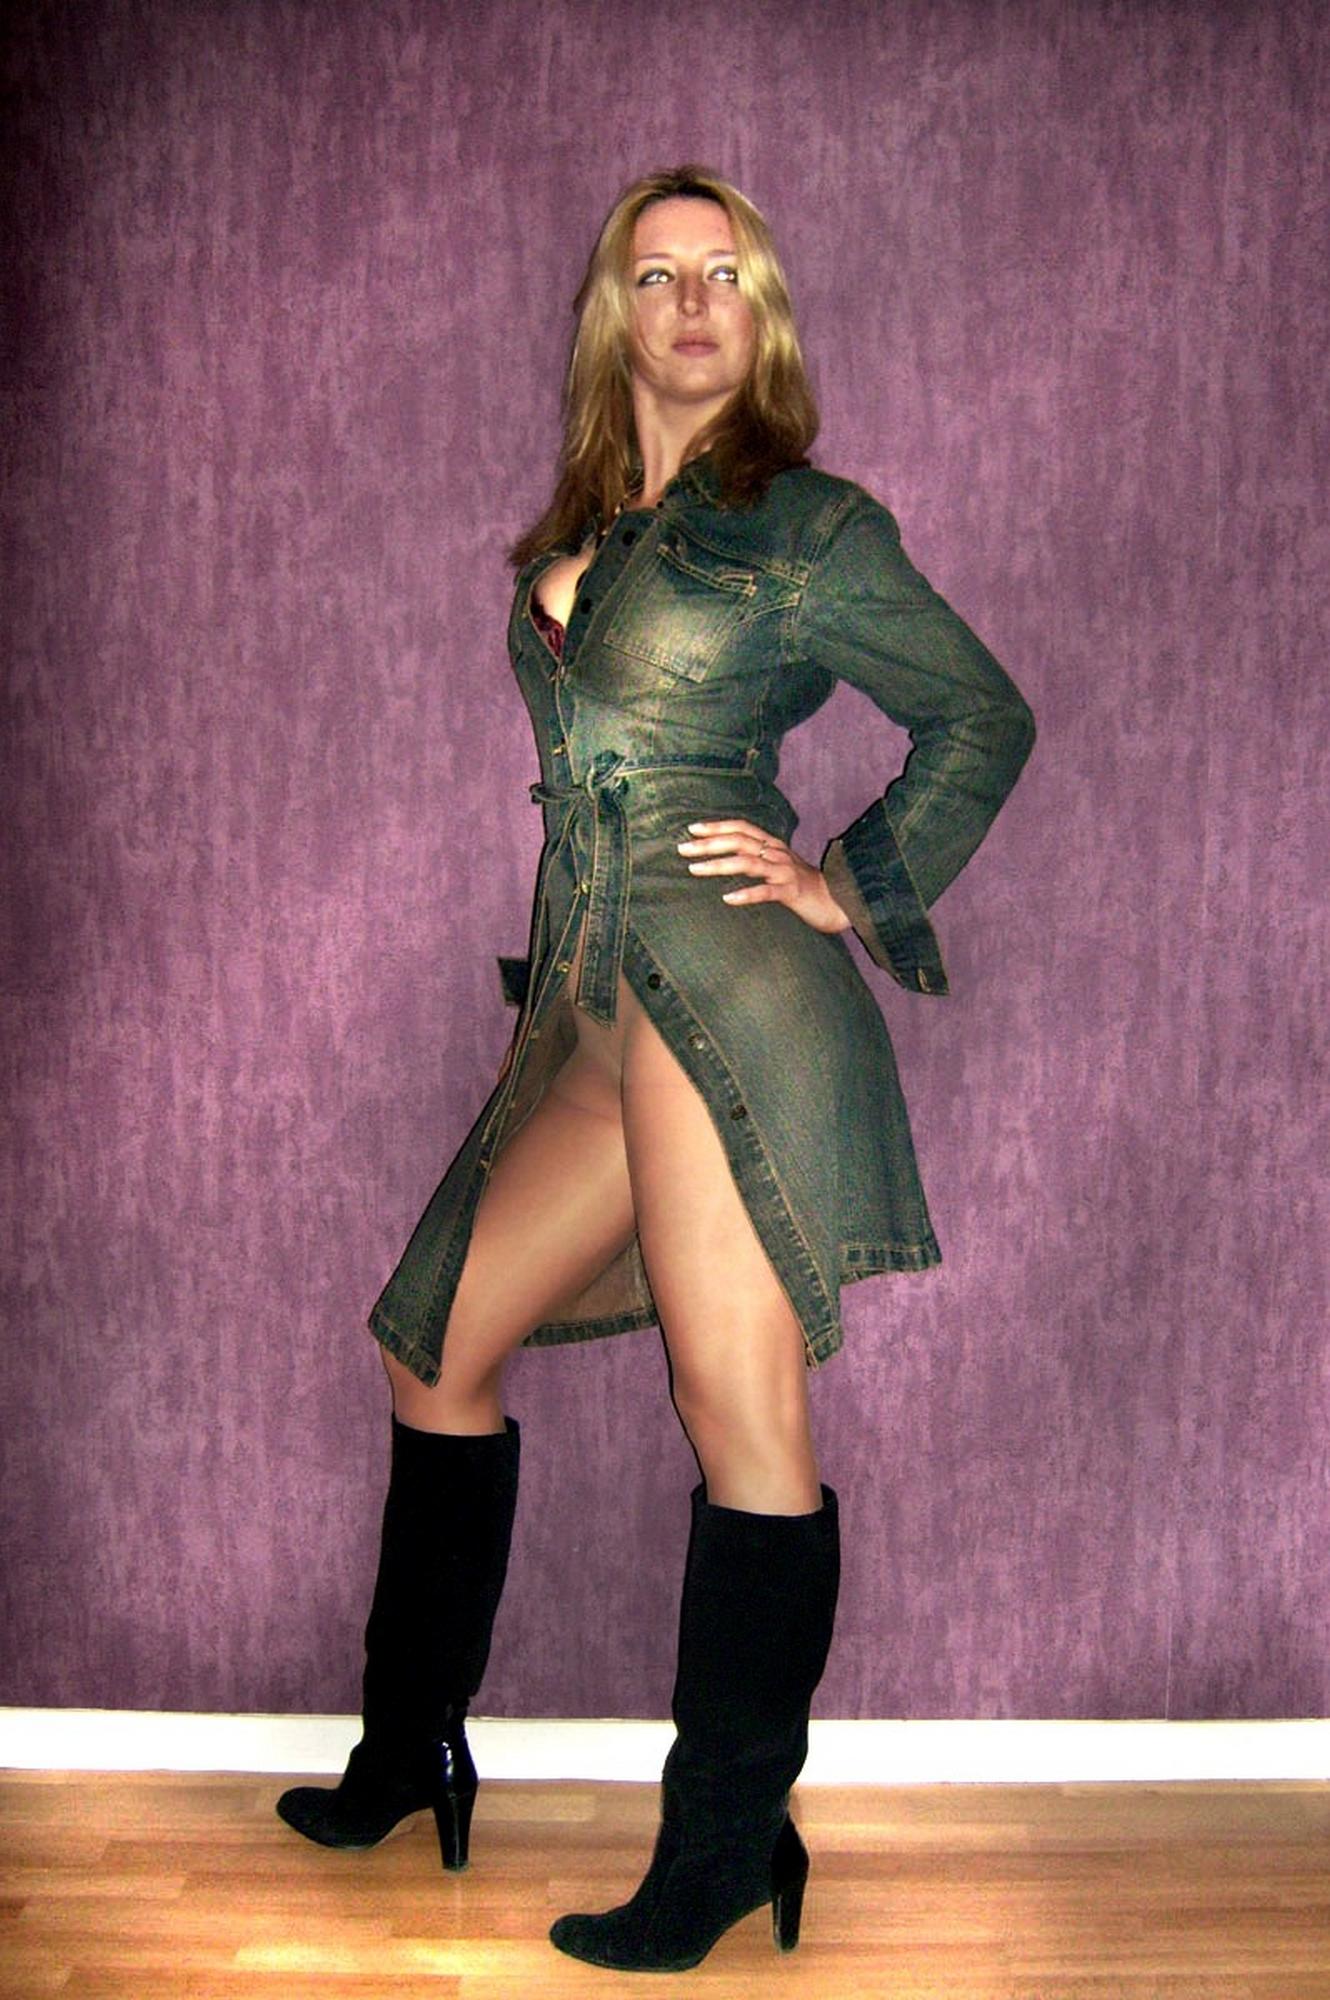 Мамаша в колготах растопырила ноги на фоне фиолетовой стены секс фото